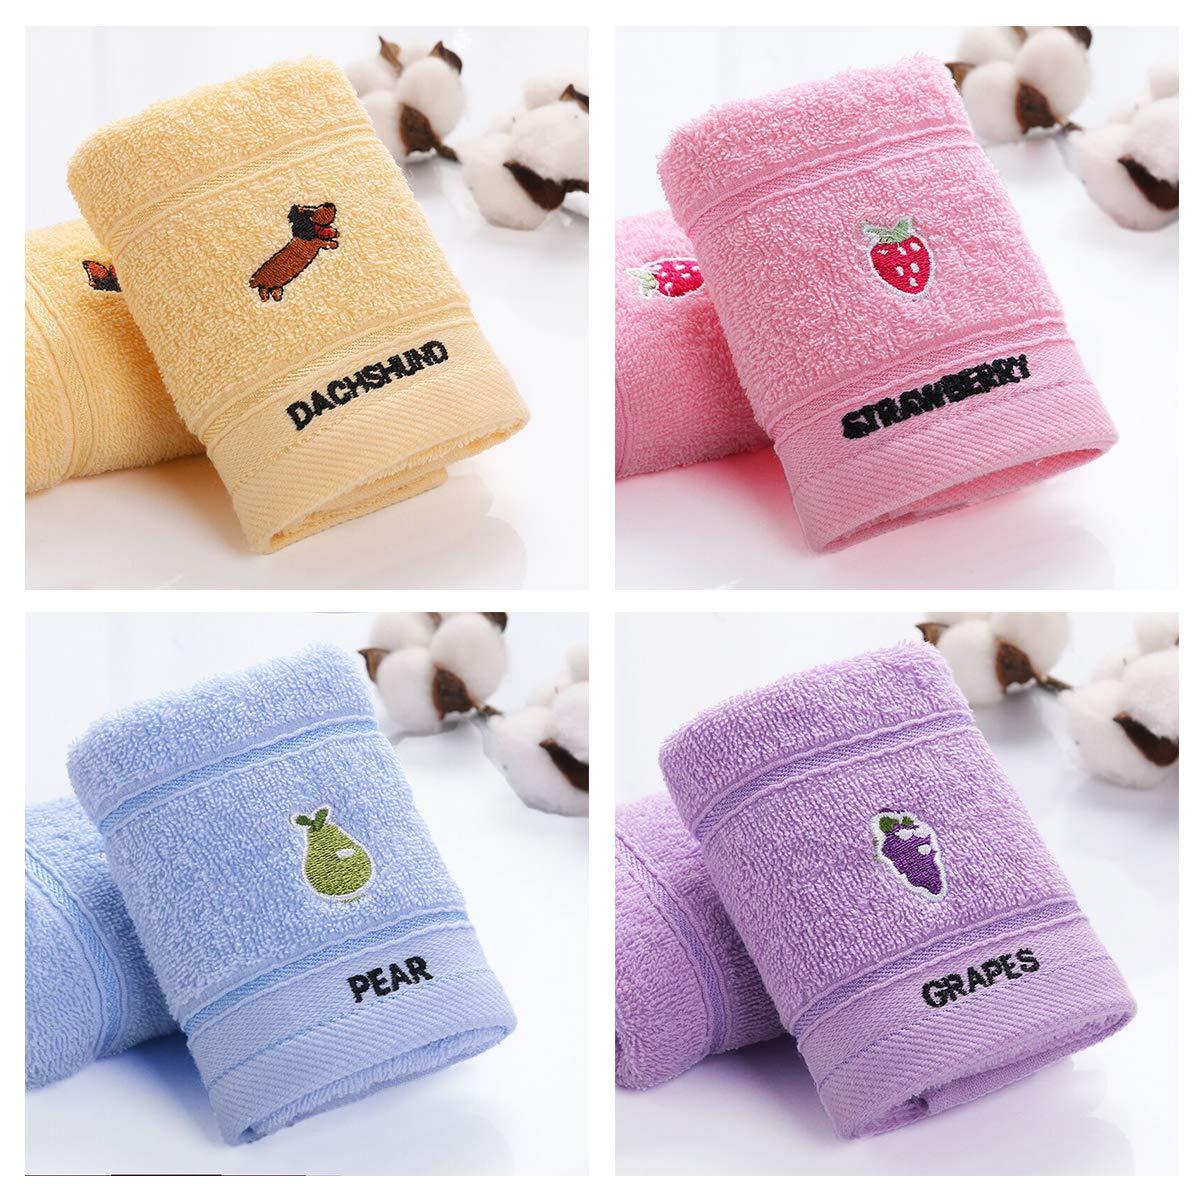 BB Hapeayou Toallitas para bebés, Toallas de bebé de algodón suave orgánico para recién nacidos/bebés/niños, 10x20 pulgadas (8 piezas): Amazon.es: Bebé